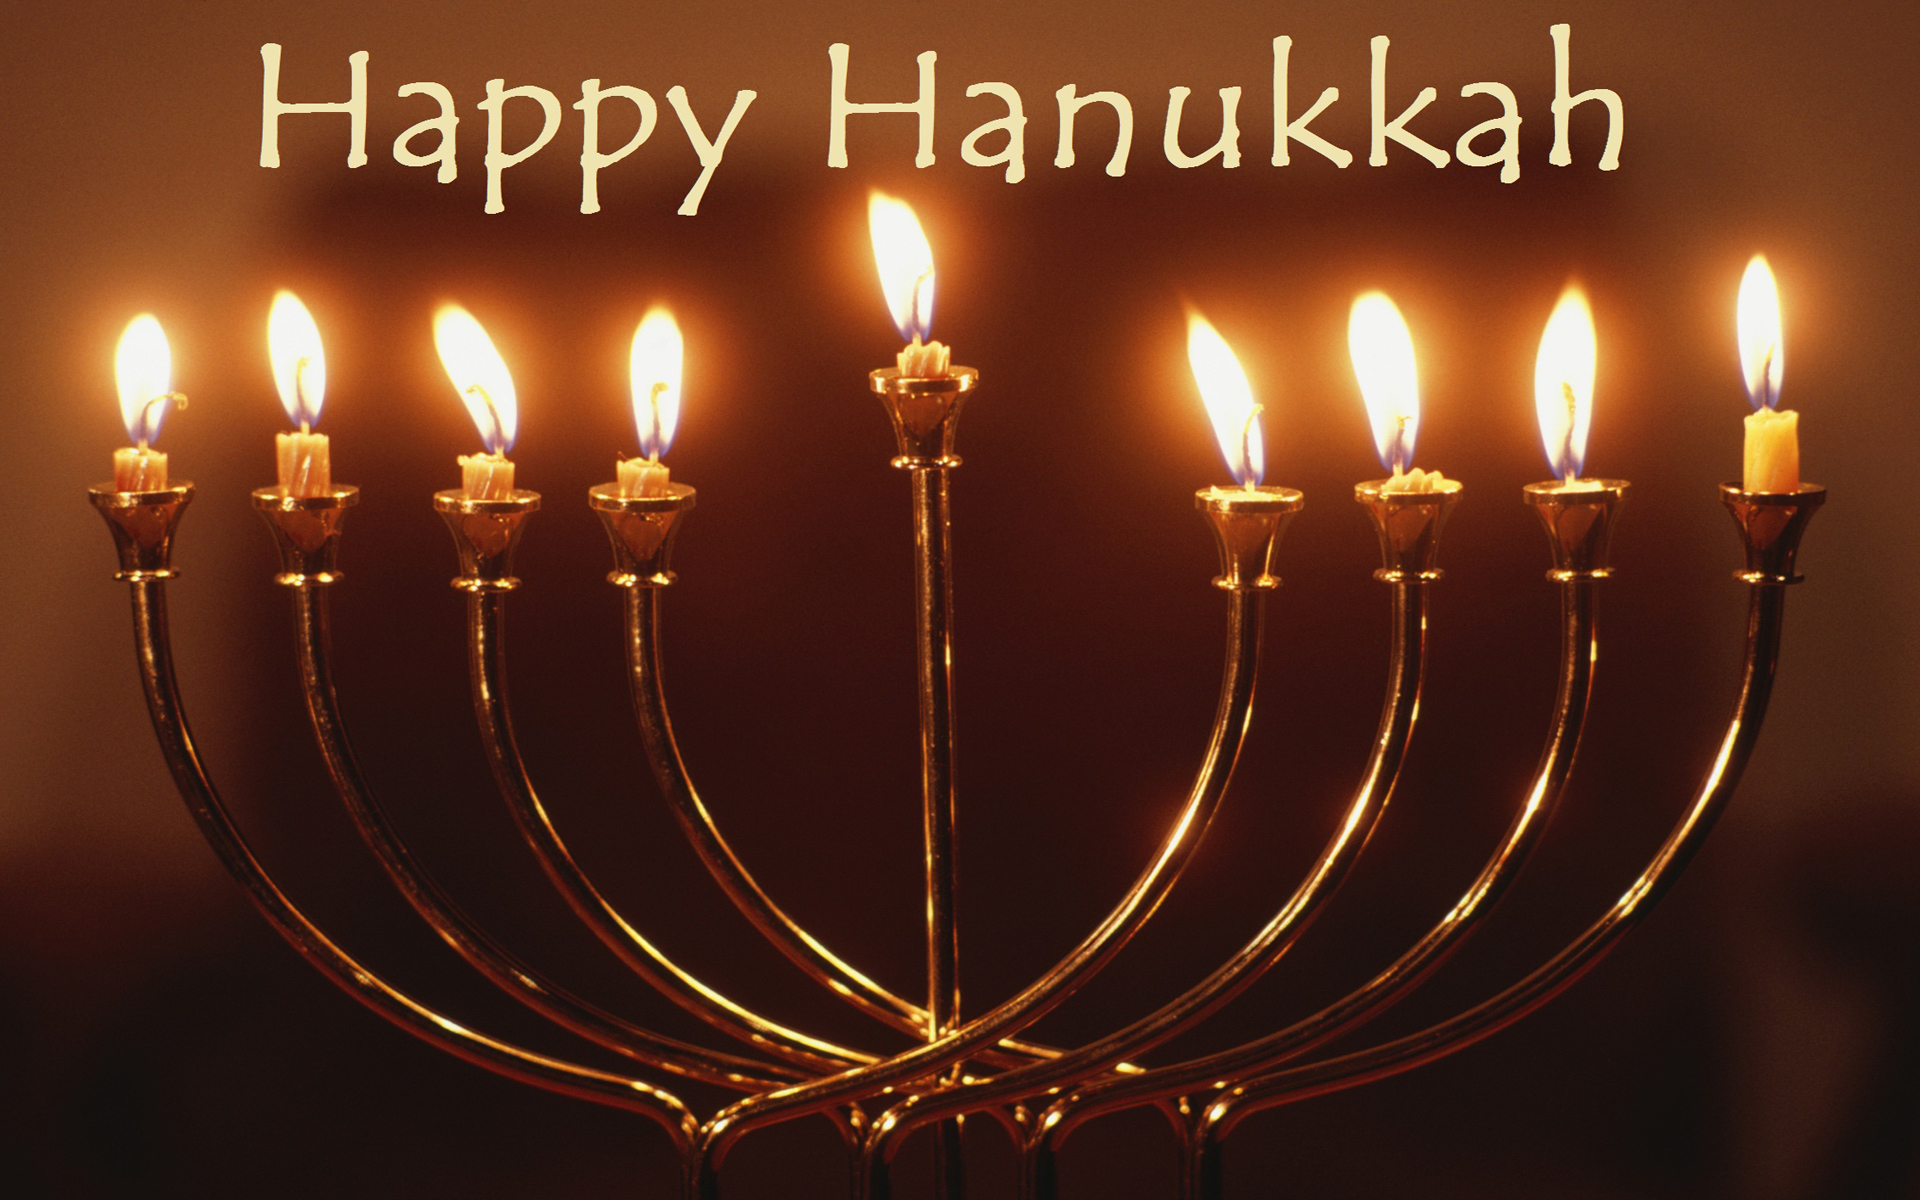 Hanukkah Desktop Wallpaper - WallpaperSafari